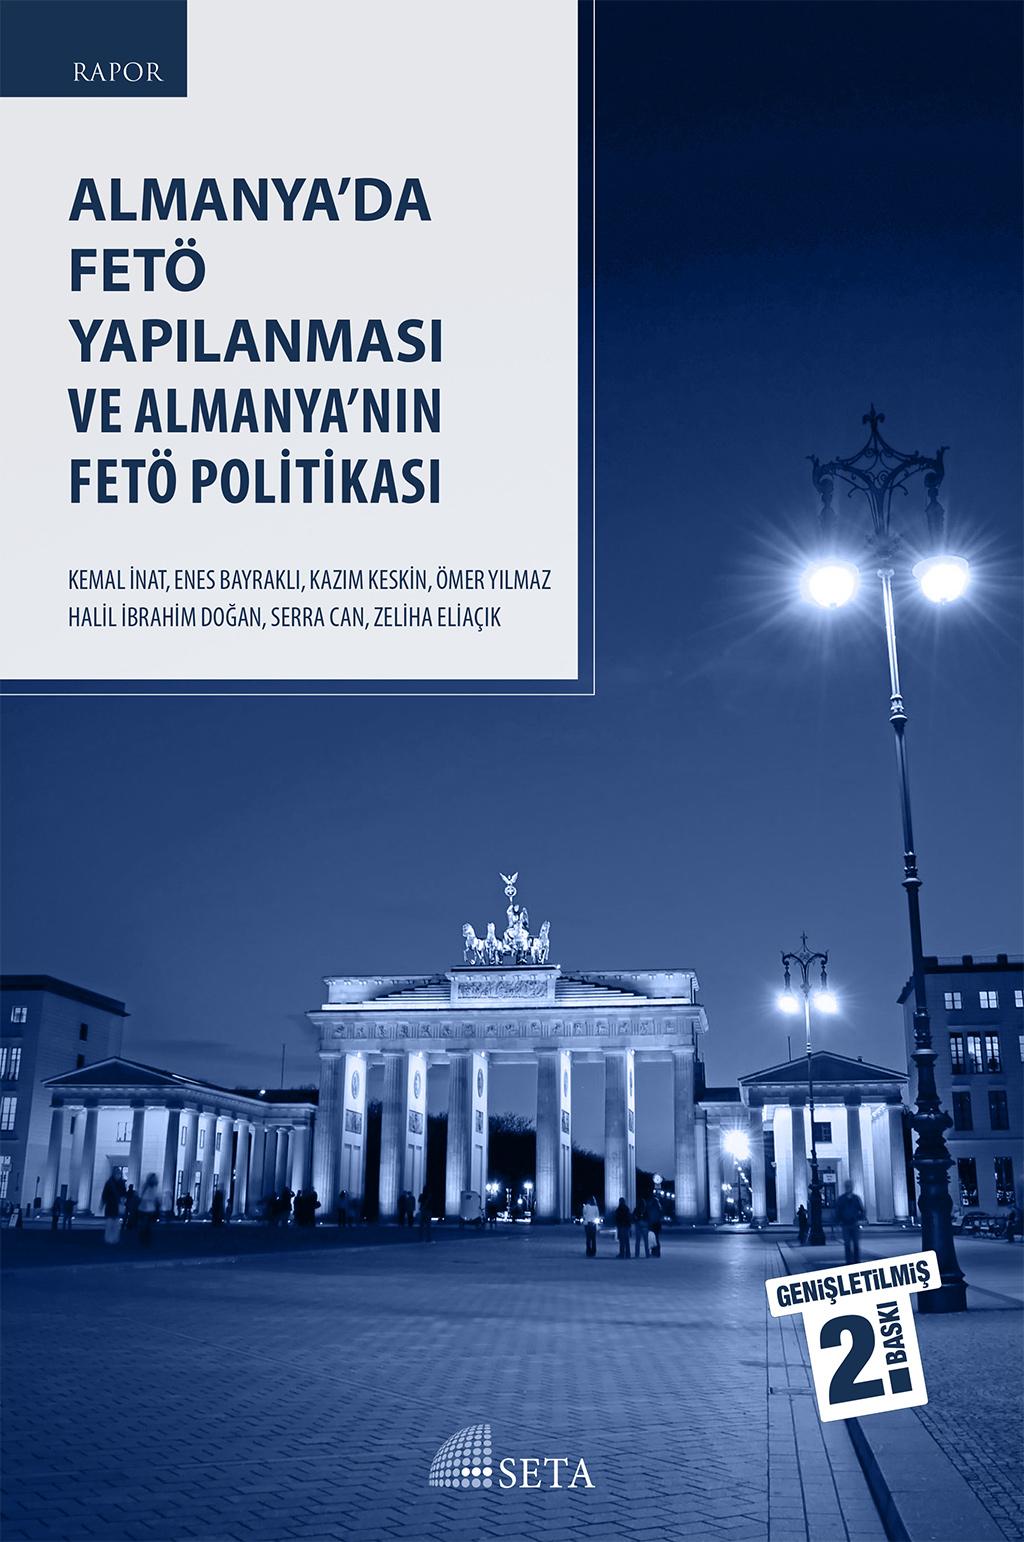 Rapor: Almanya'da FETÖ Yapılanması ve Almanya'nın FETÖ Politikası